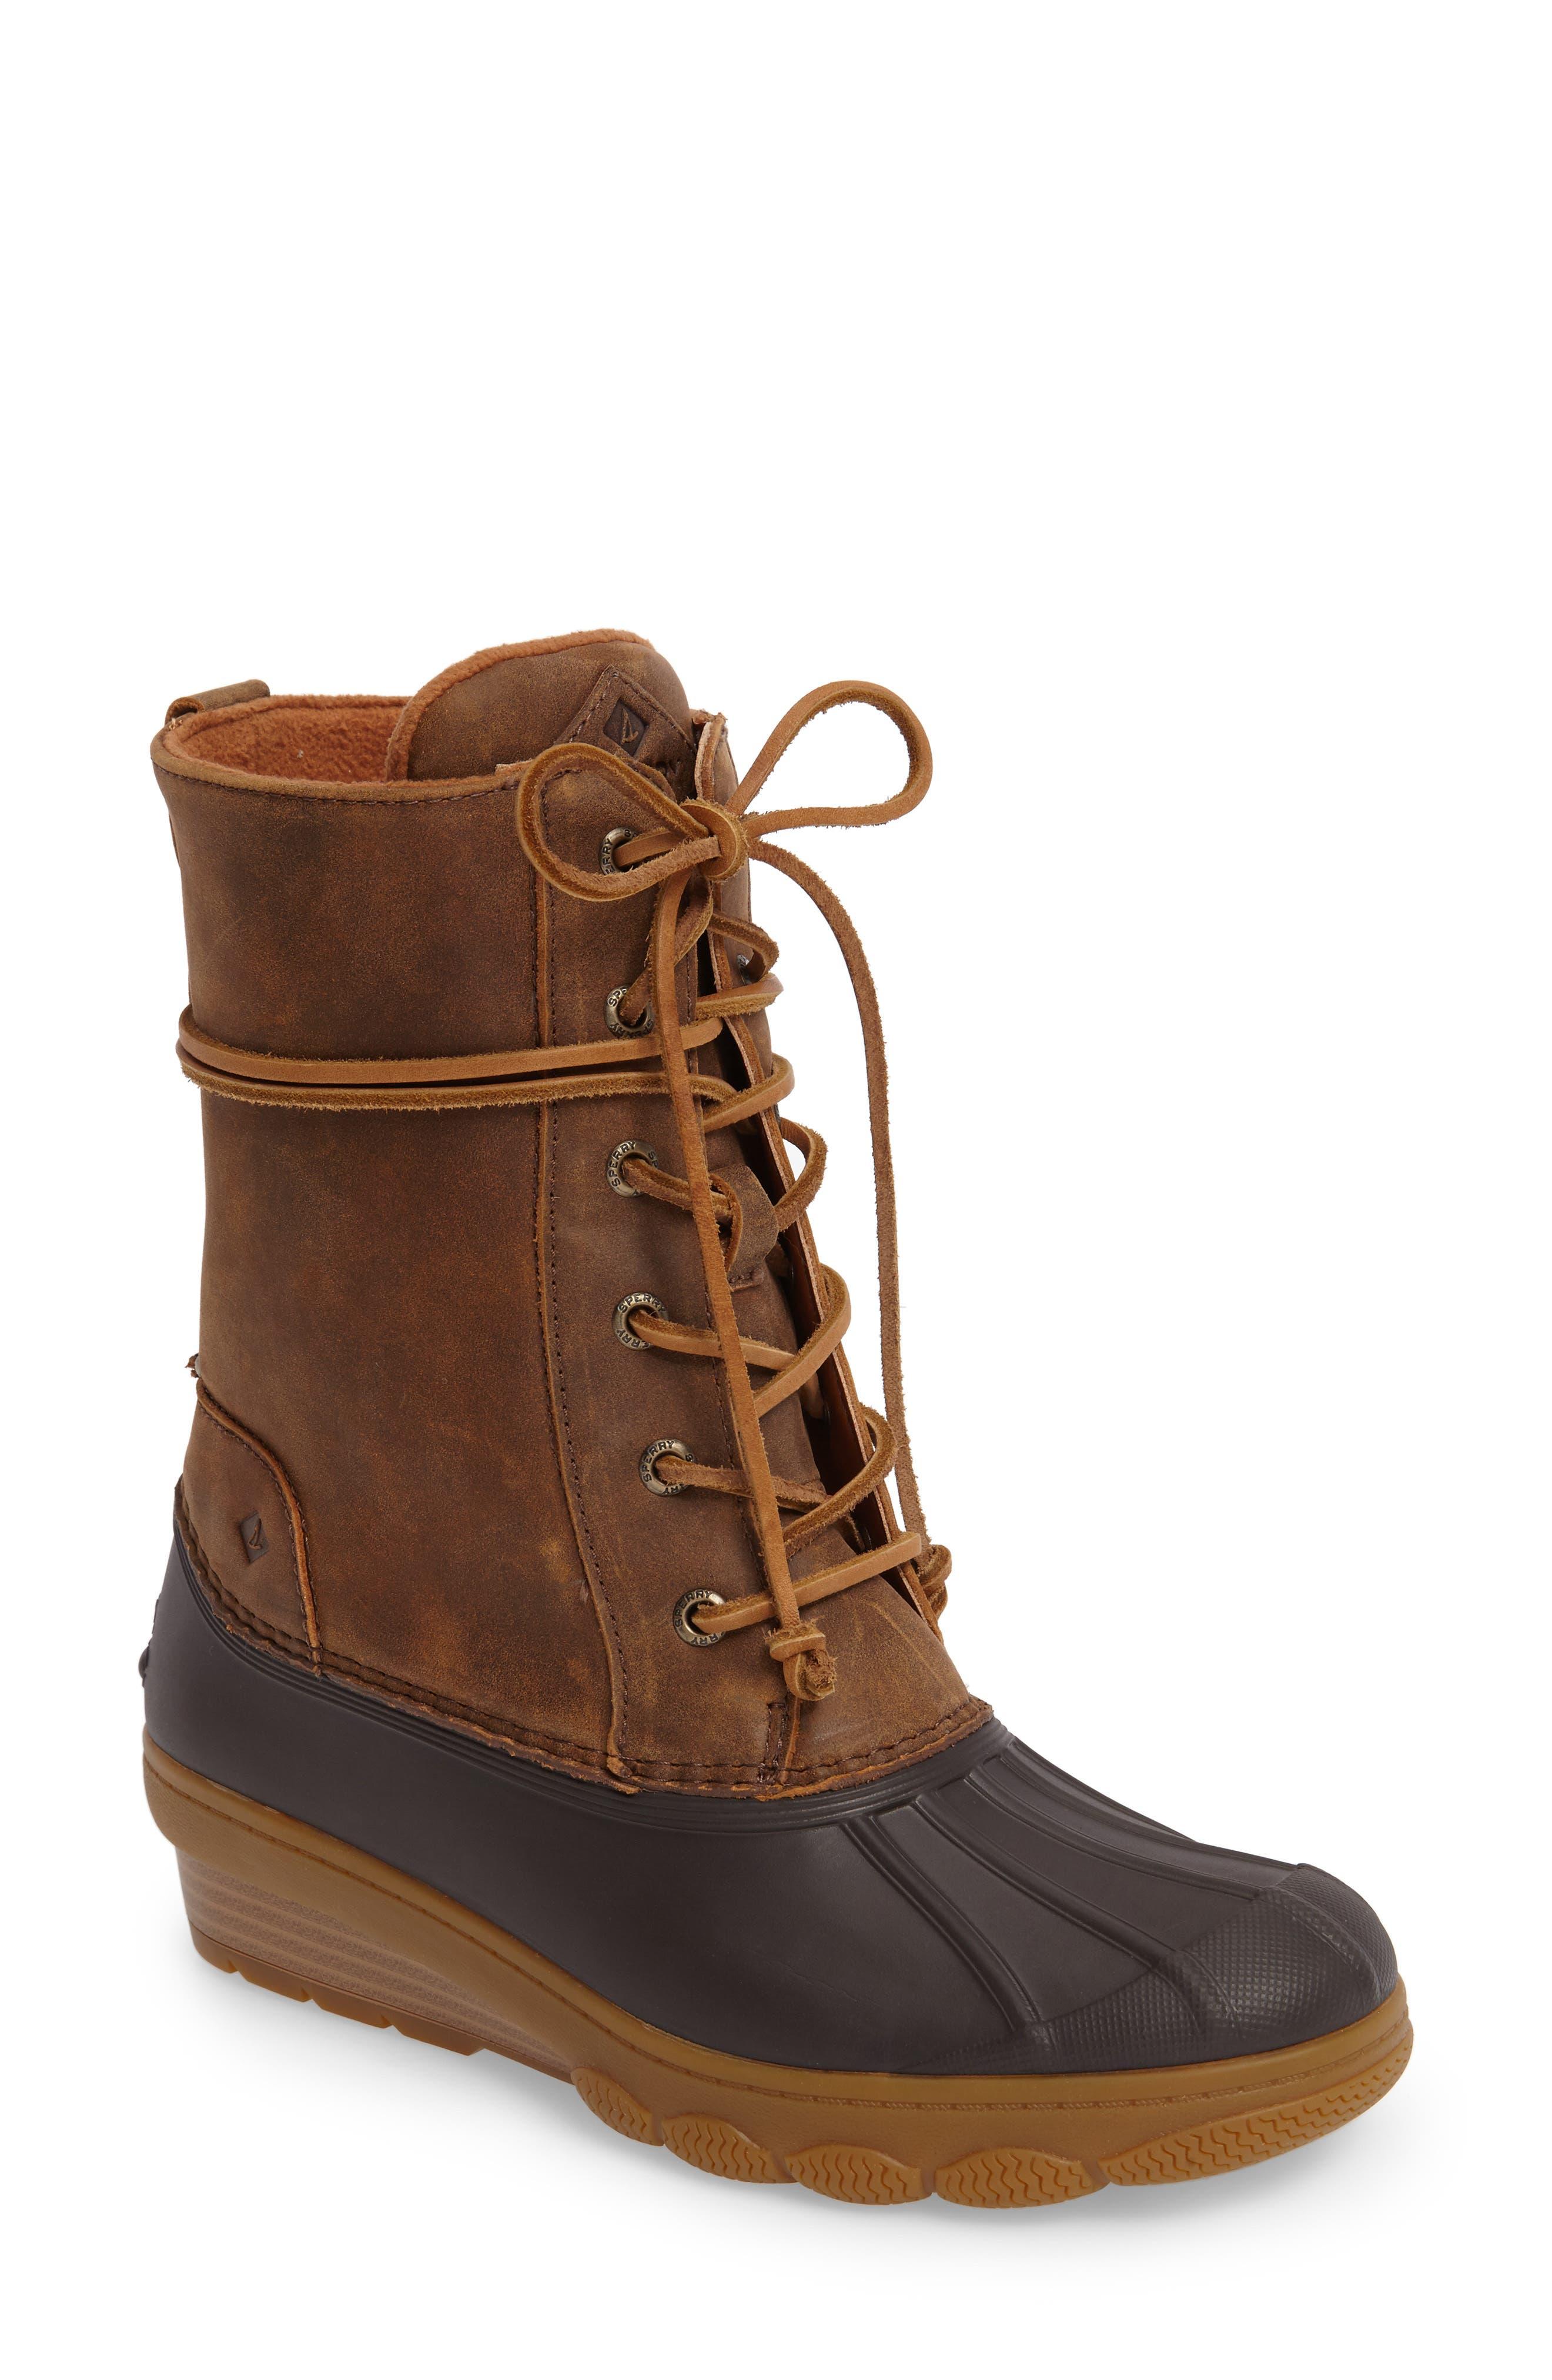 Main Image - Sperry Saltwater Wedge Reeve Waterproof Boot (Women)